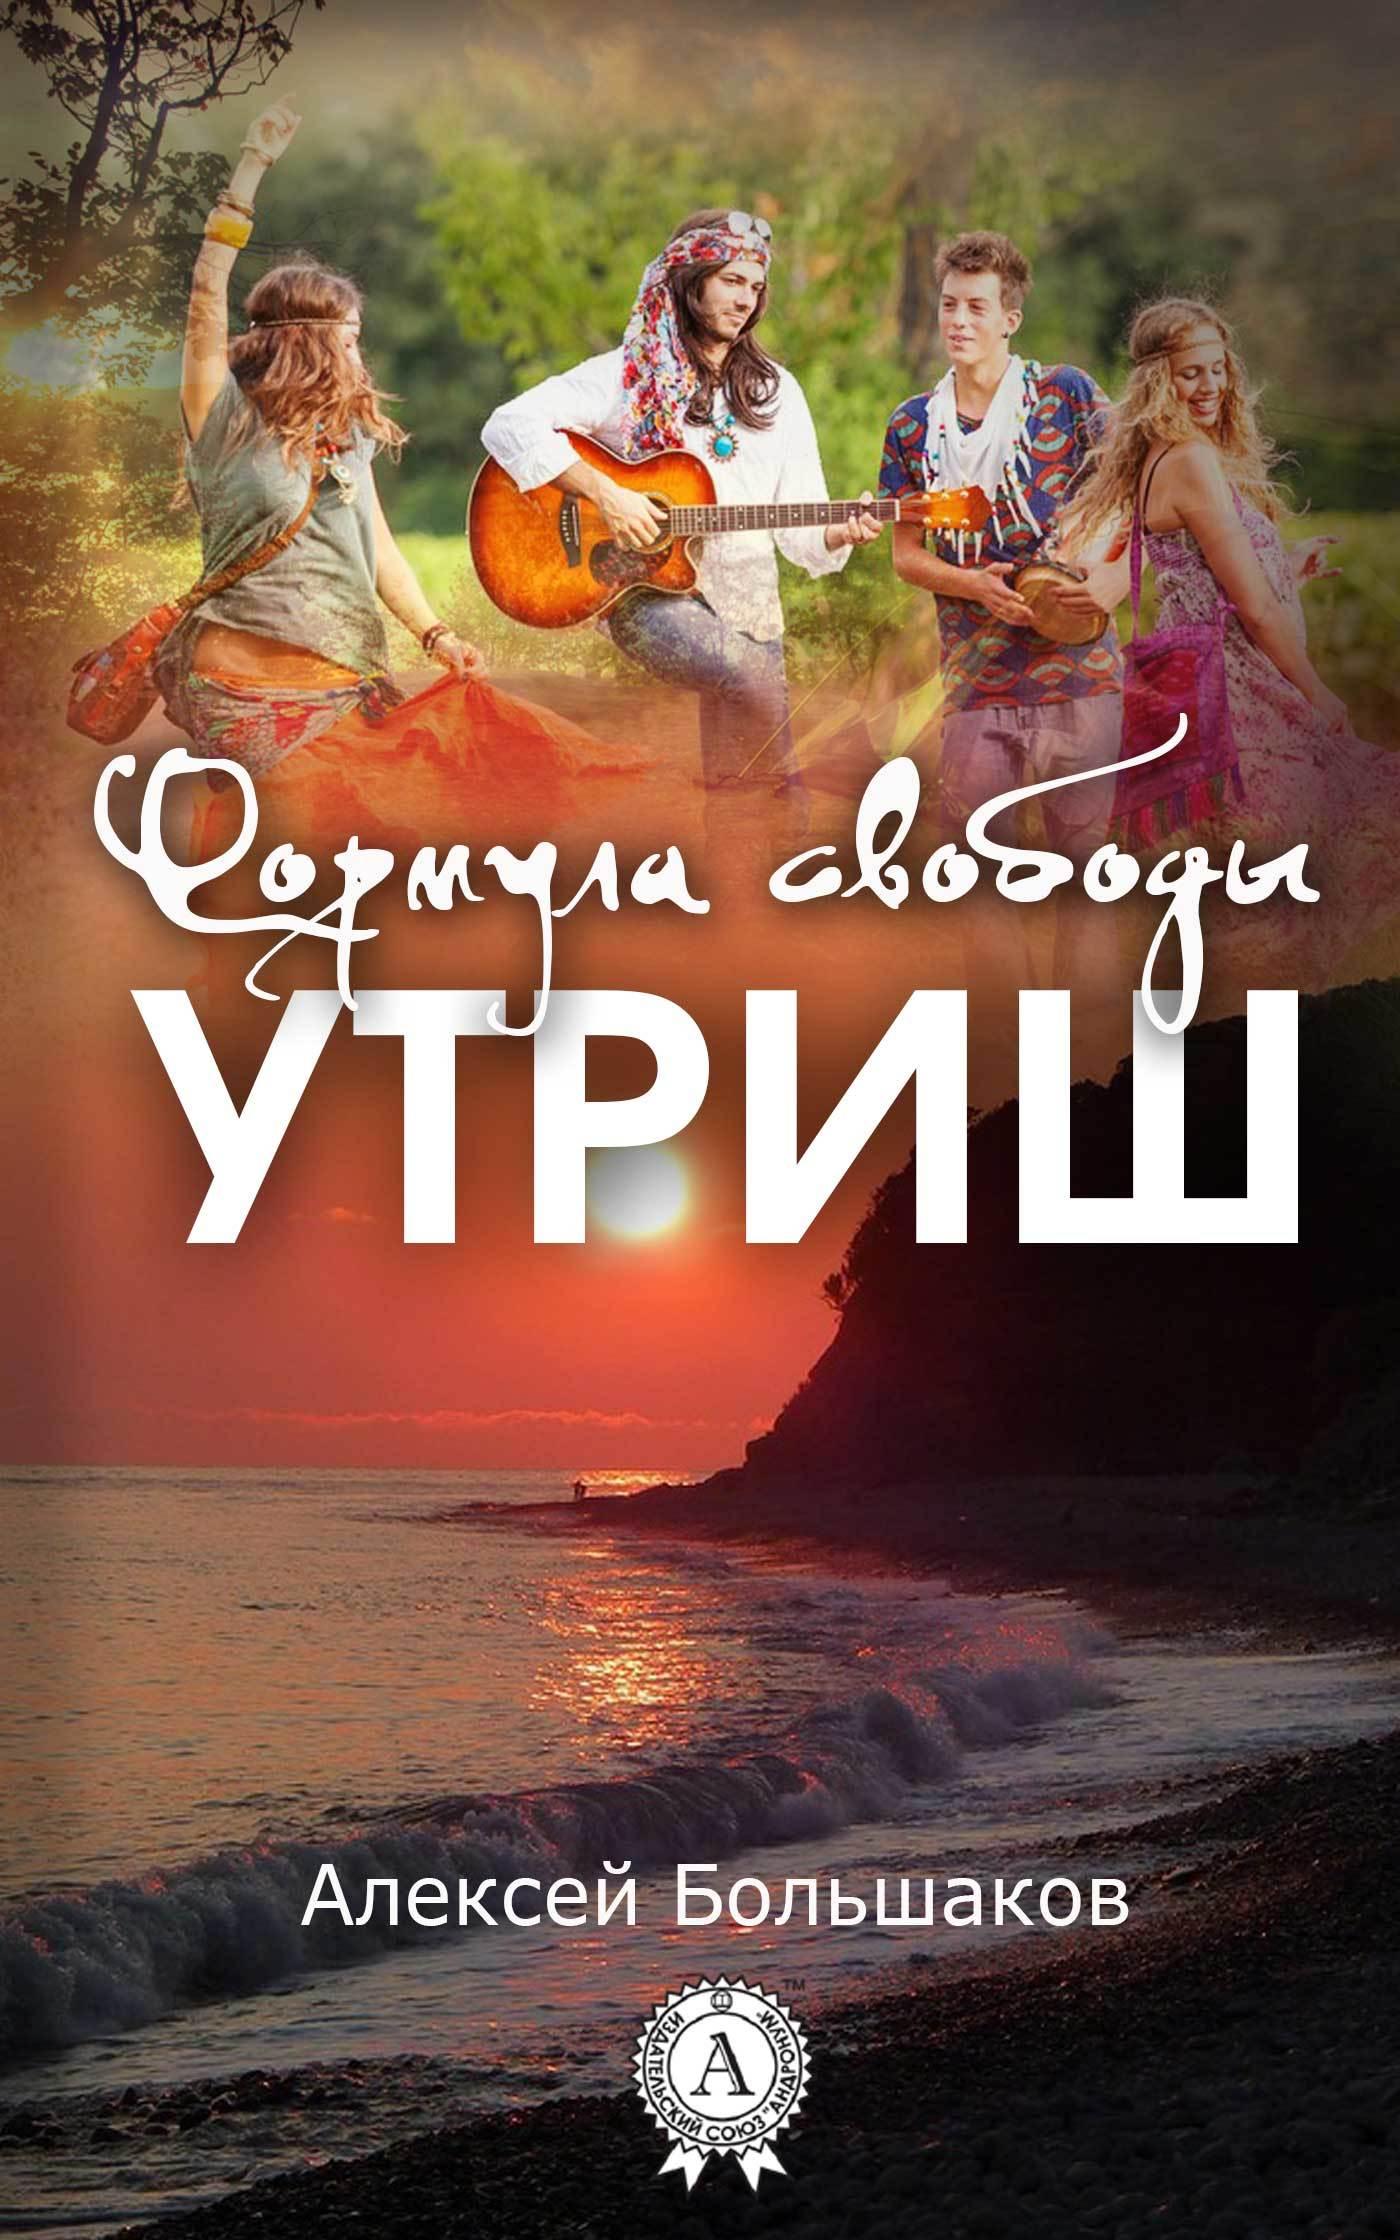 Алексей Большаков - Формула свободы. Утриш